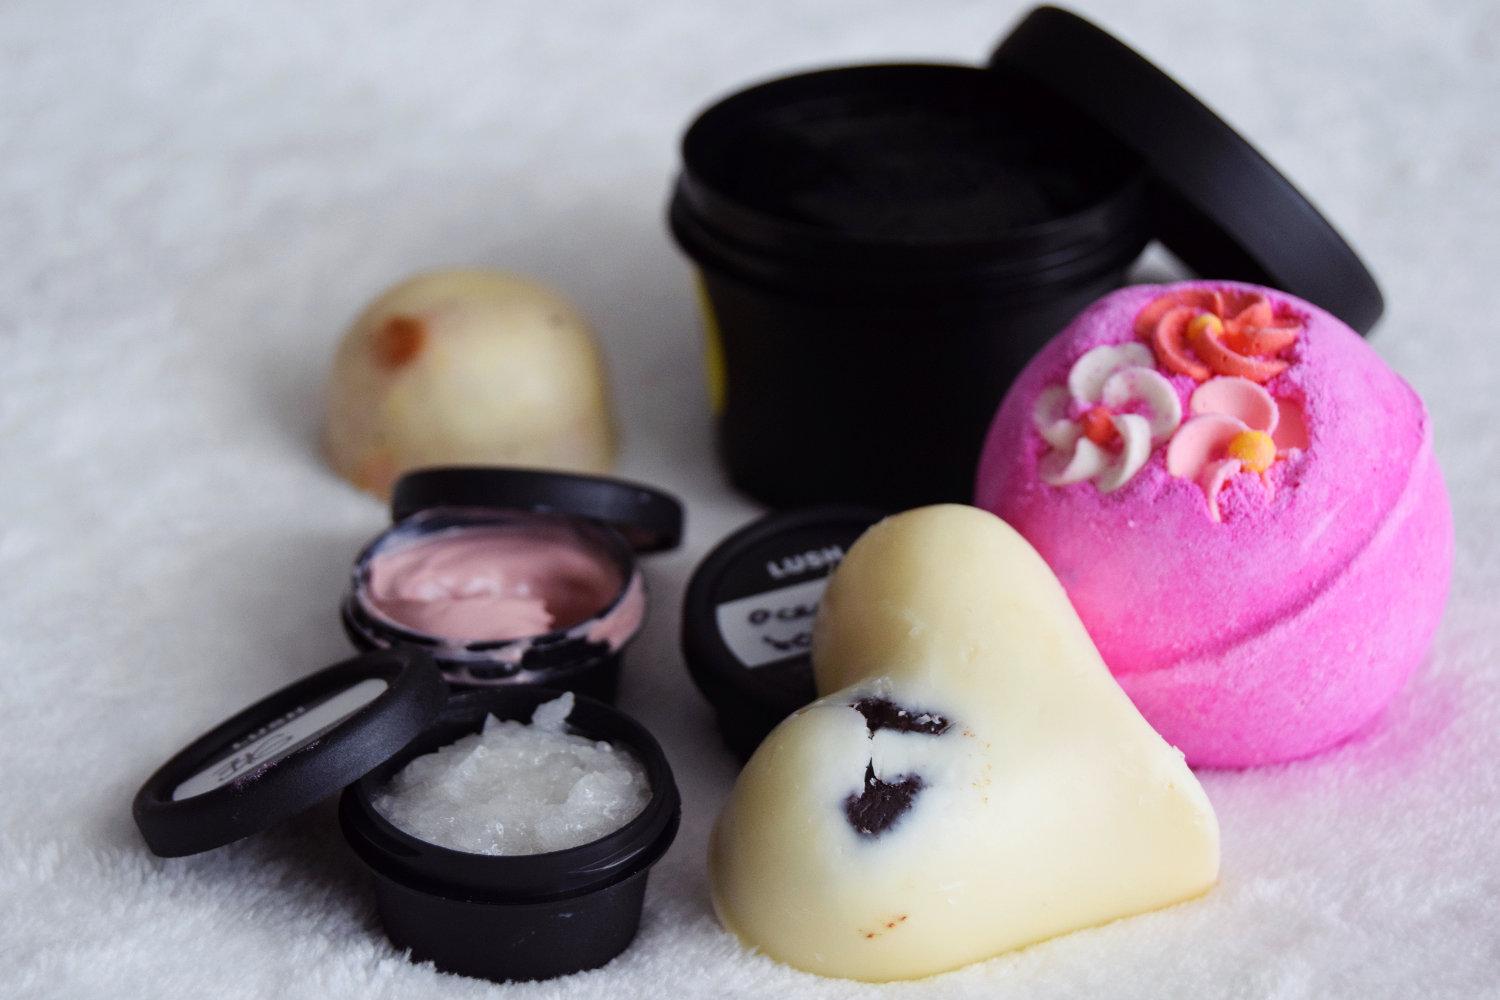 lush_cosmetics_haul_zalabell_beauty_6